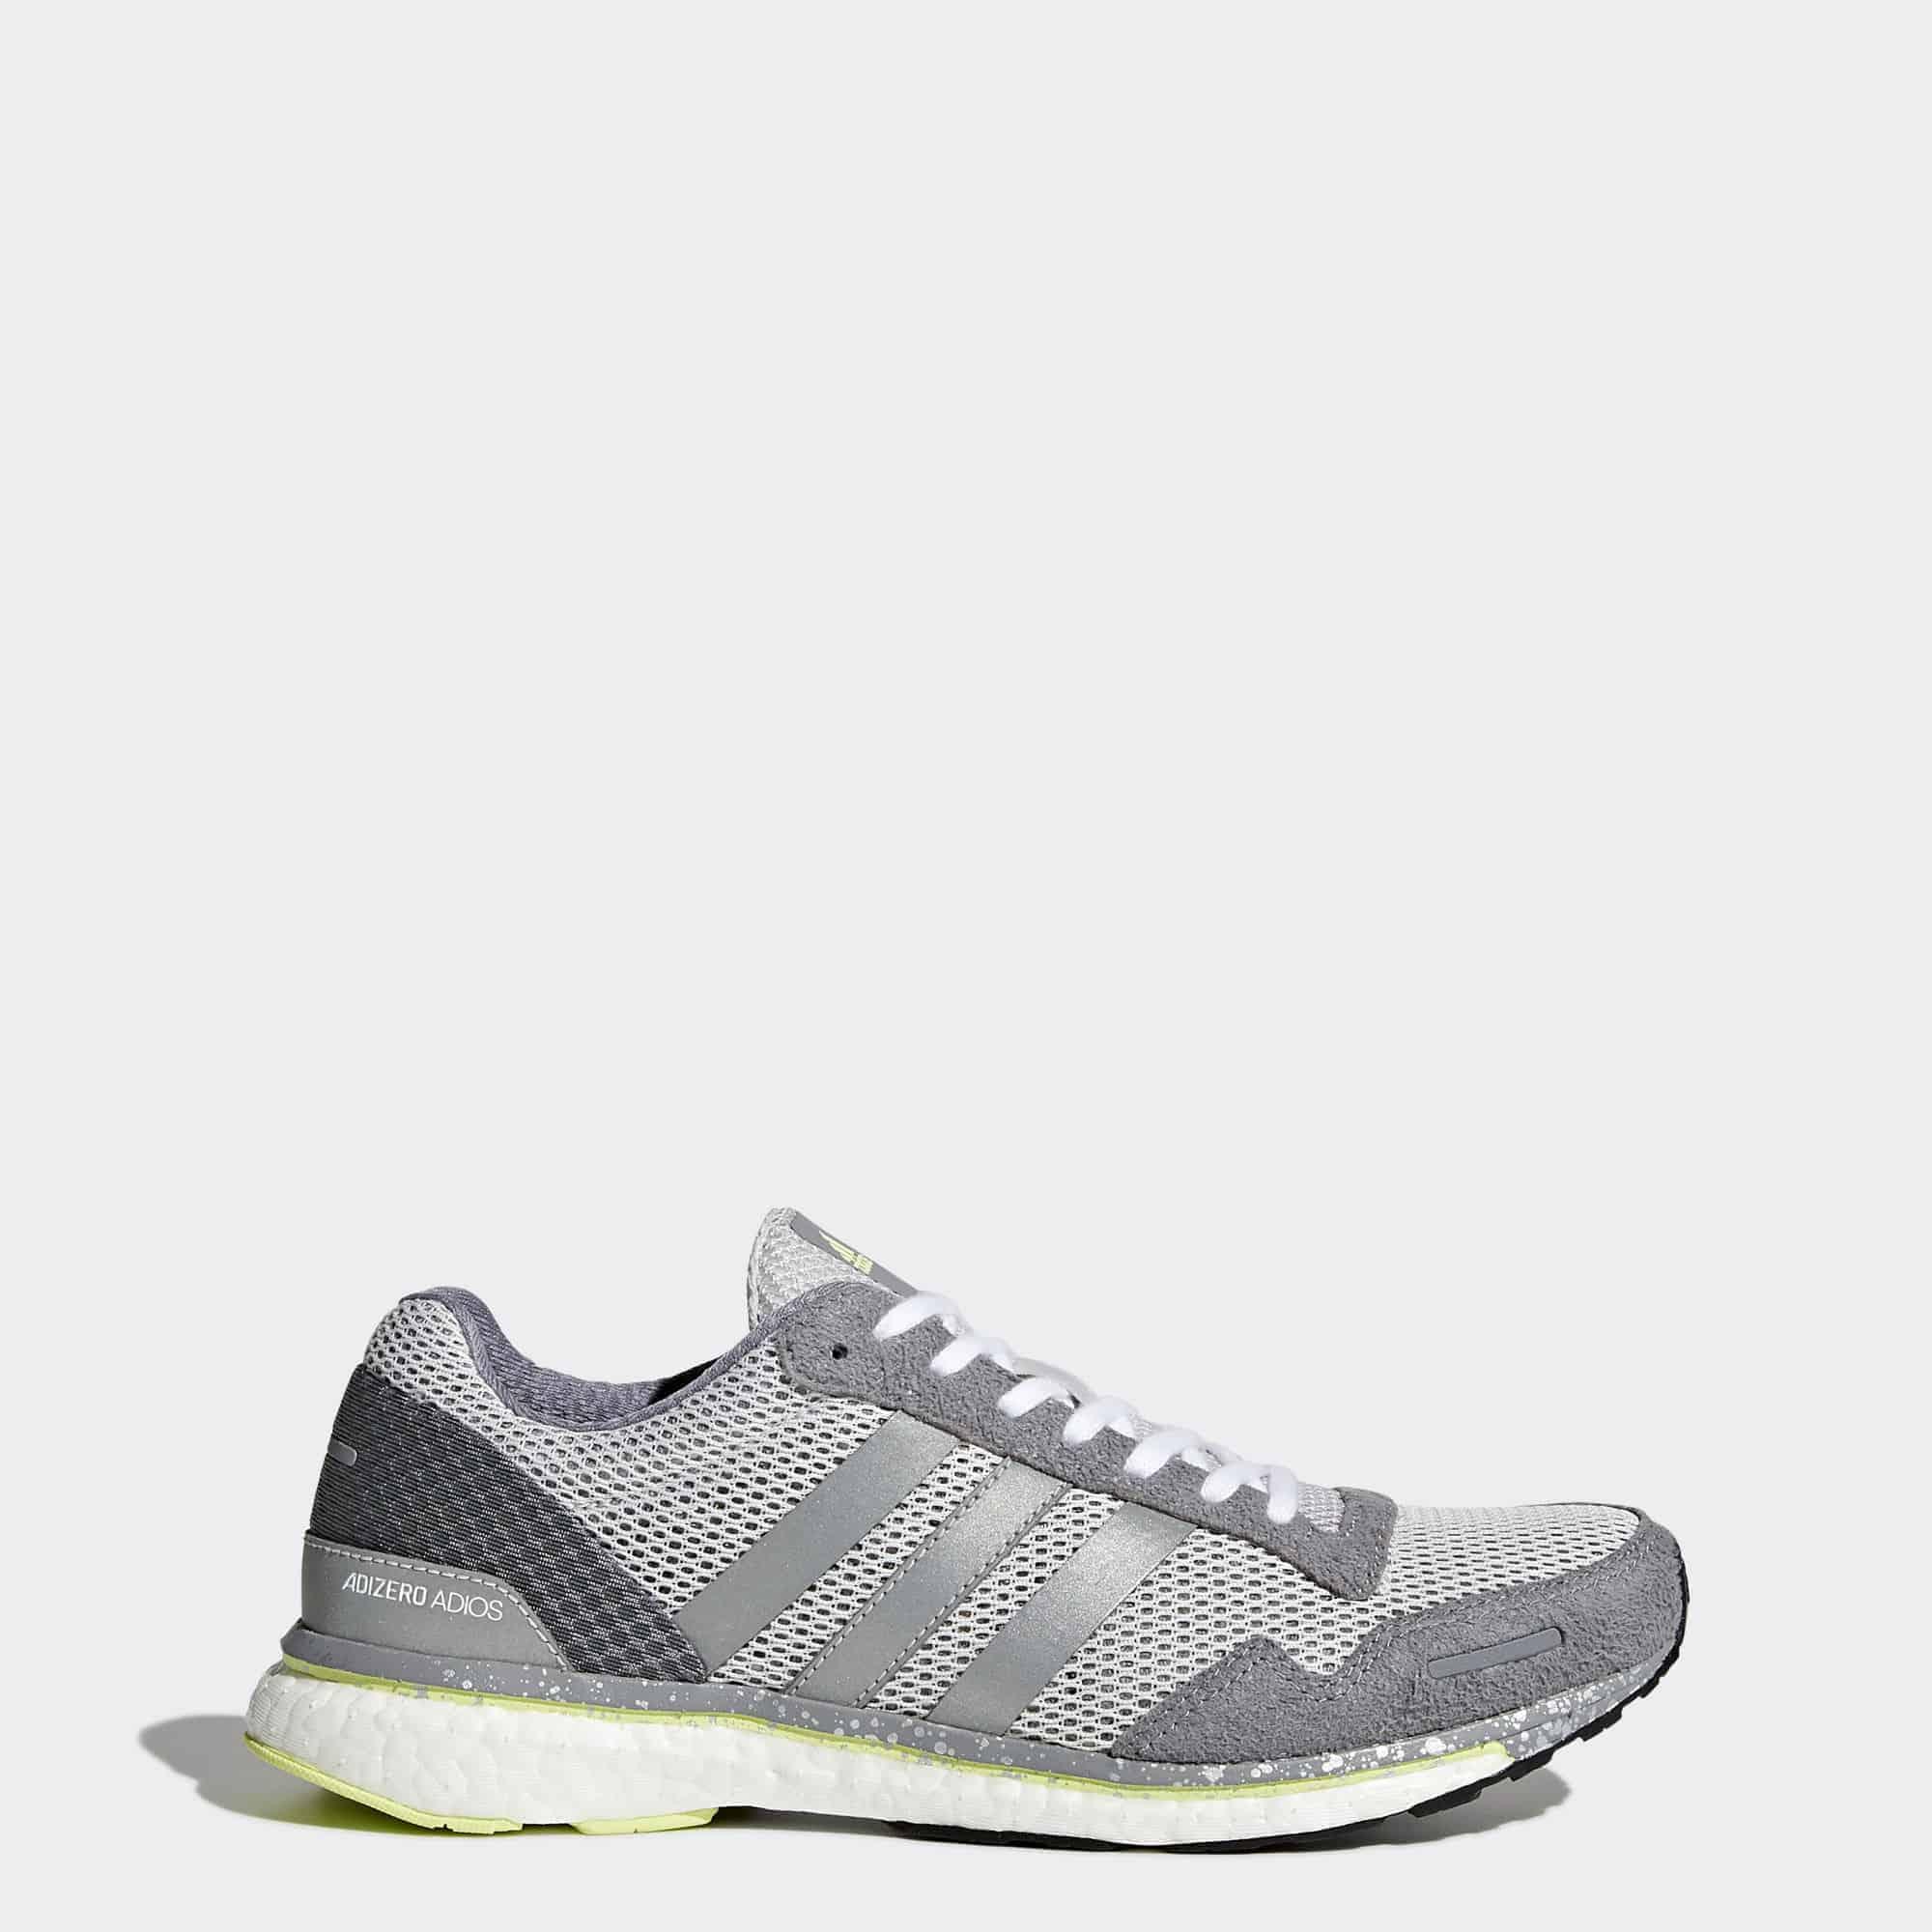 Кроссовки для бега Adidas Adizero Adios 3 женские